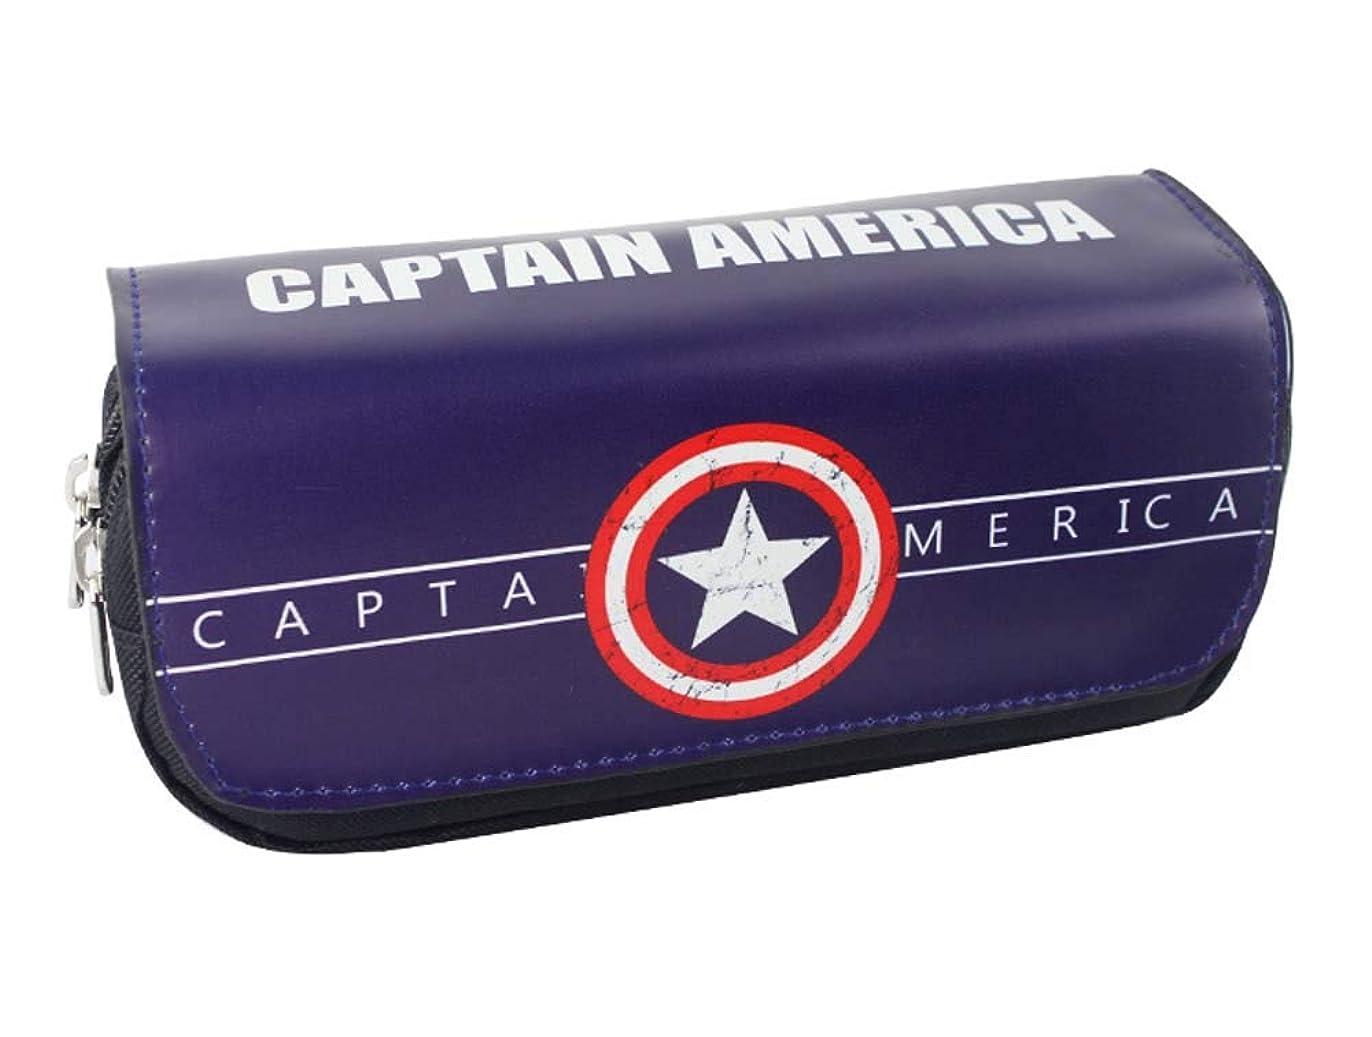 ゆでる閉塞余分なペンケース キャプテン?アメリカ 筆箱 Captain America 収納ケース 文房具 PU ペンポーチ 子供 贈り物